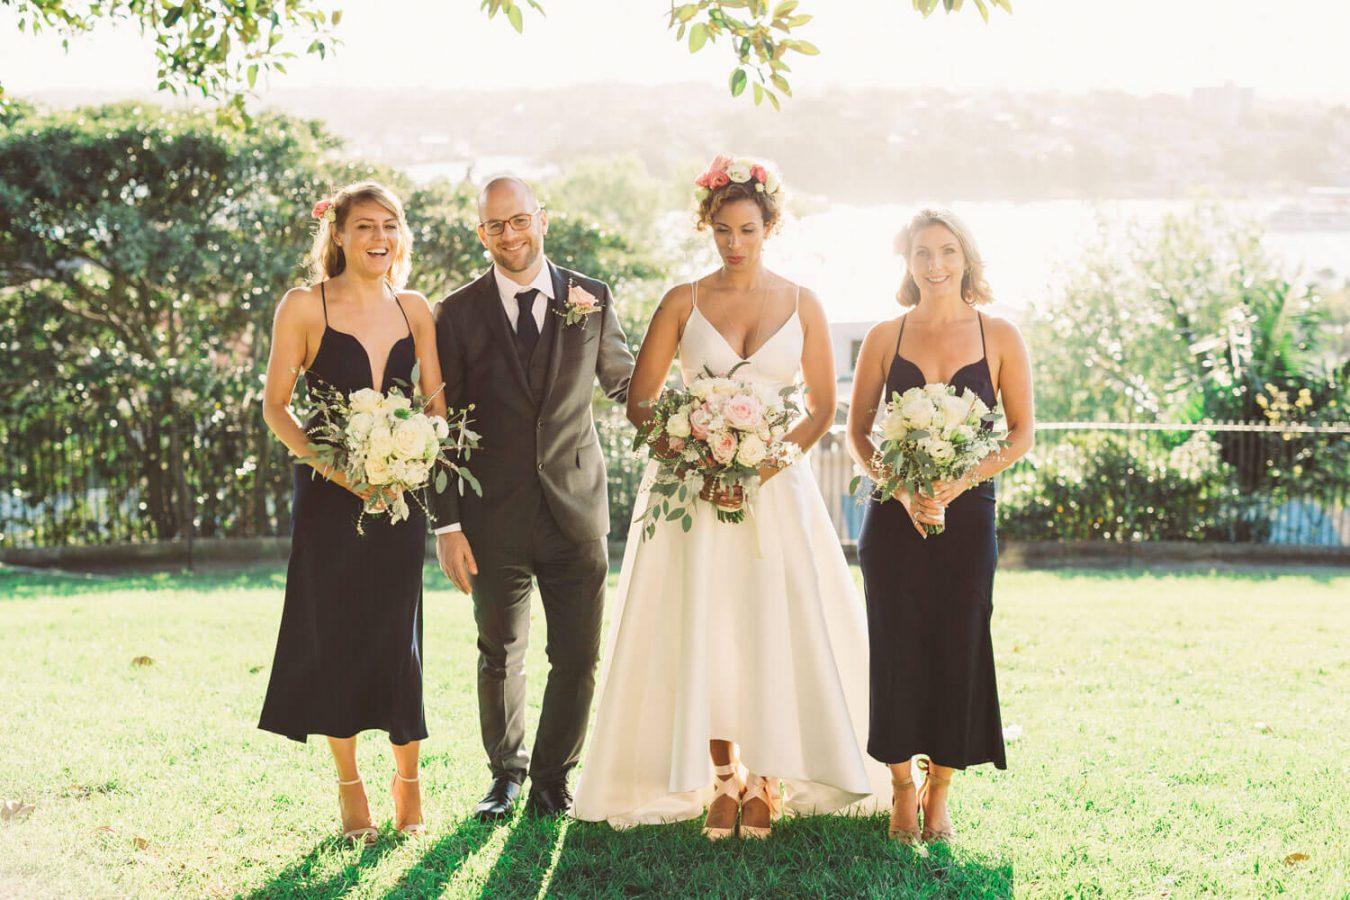 lela_rob_wedding_kat_rollings-0321